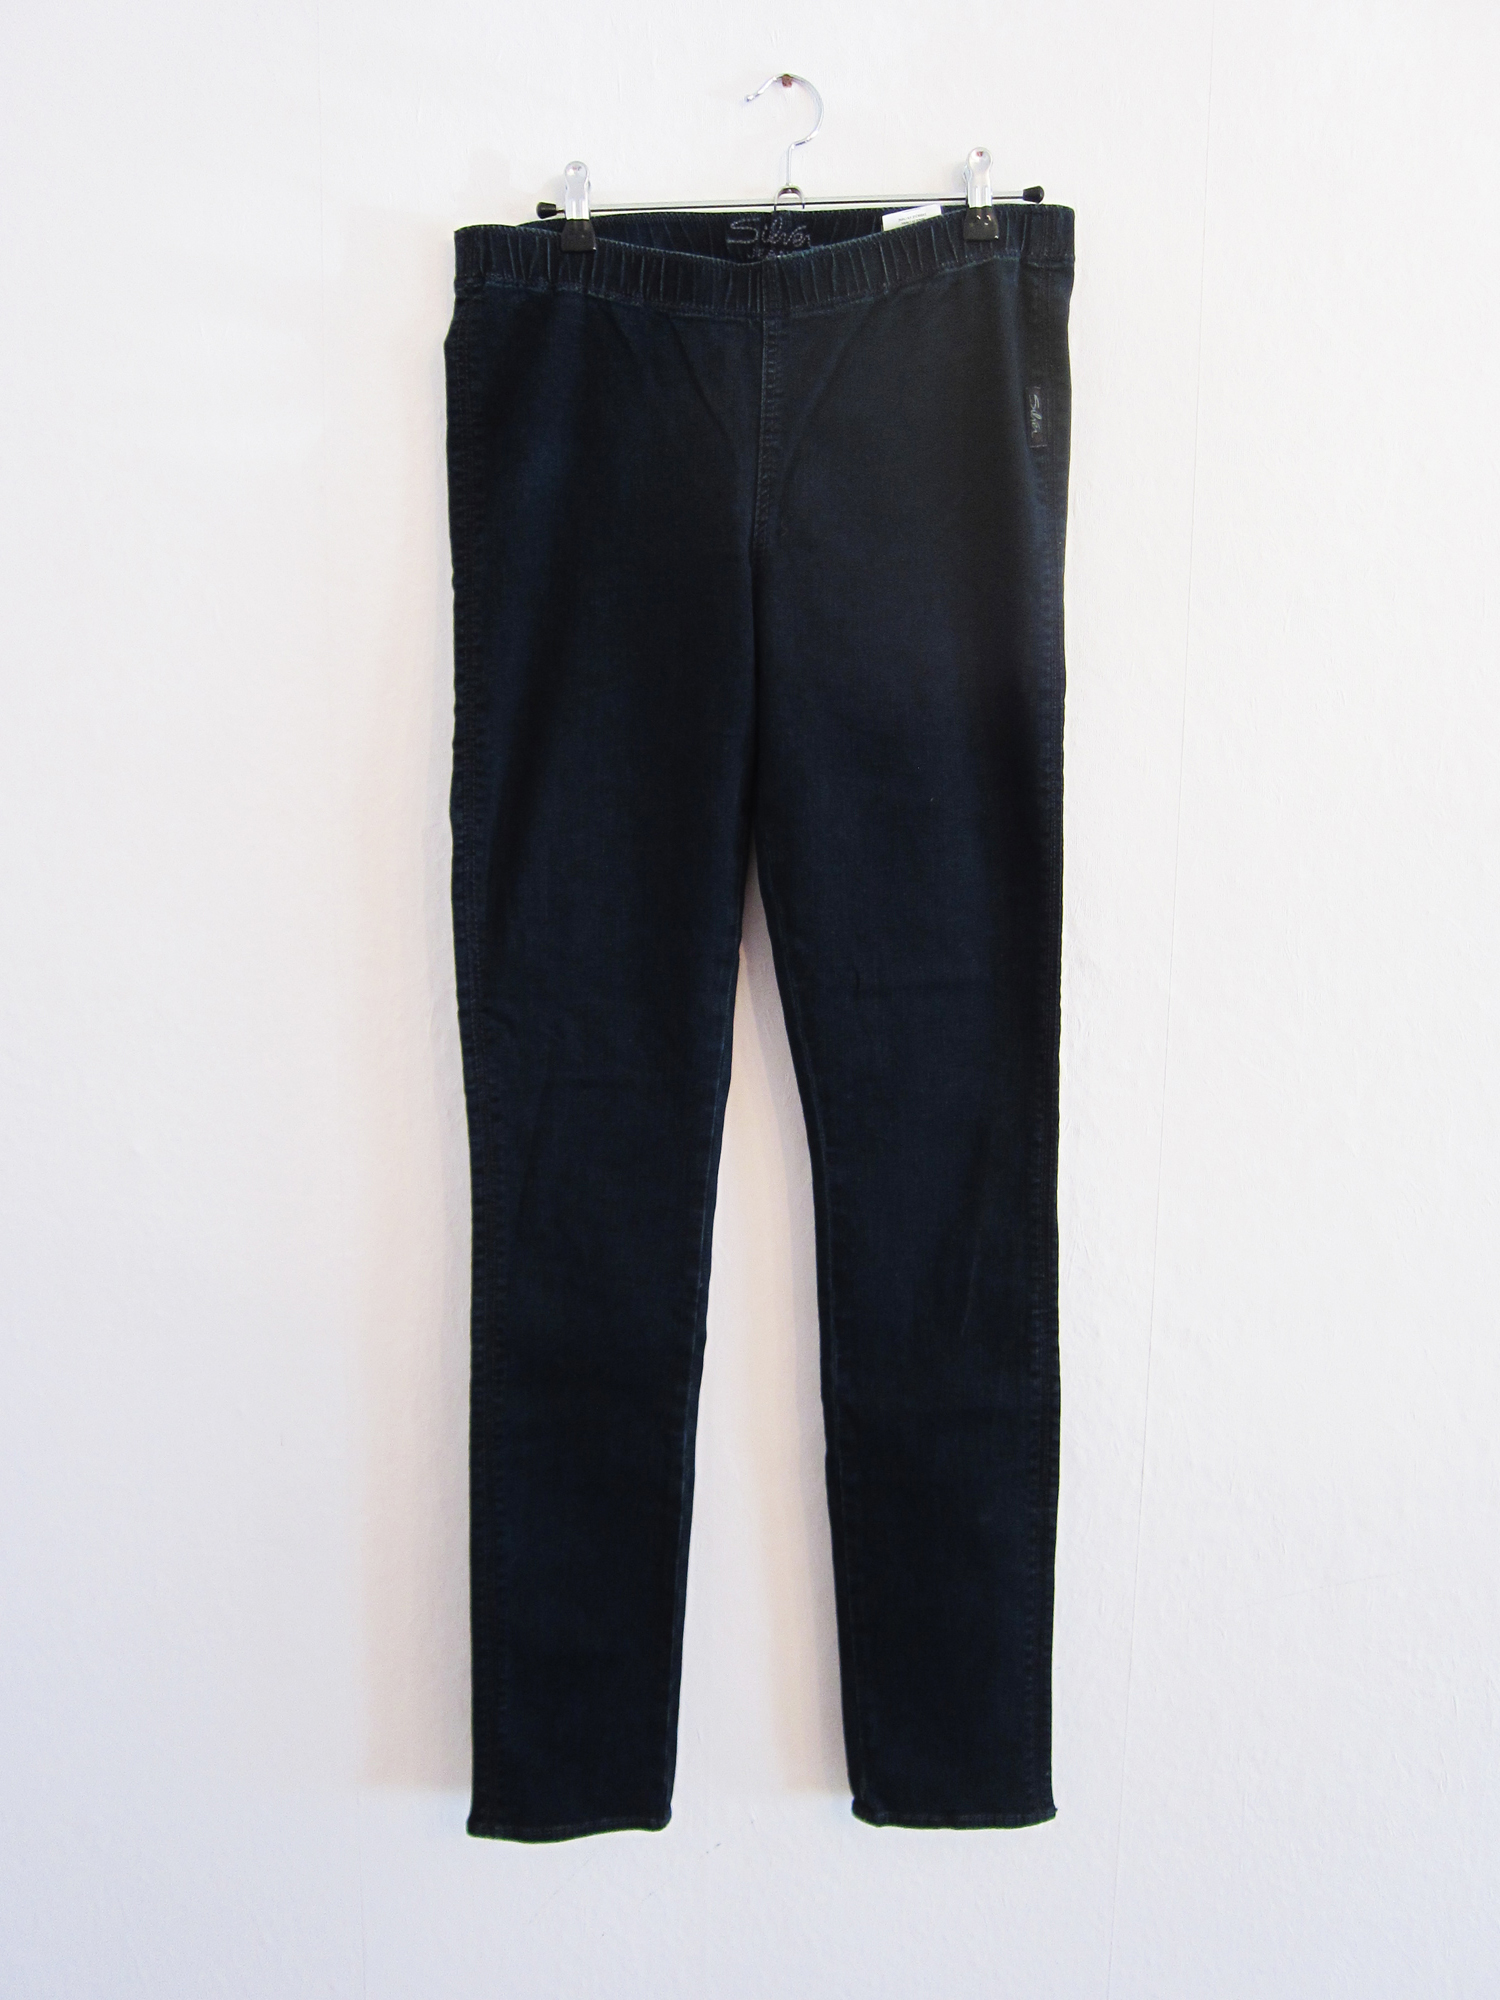 silver jeans damen hose pixie leggings super skinny stretch indigo gr m he140. Black Bedroom Furniture Sets. Home Design Ideas